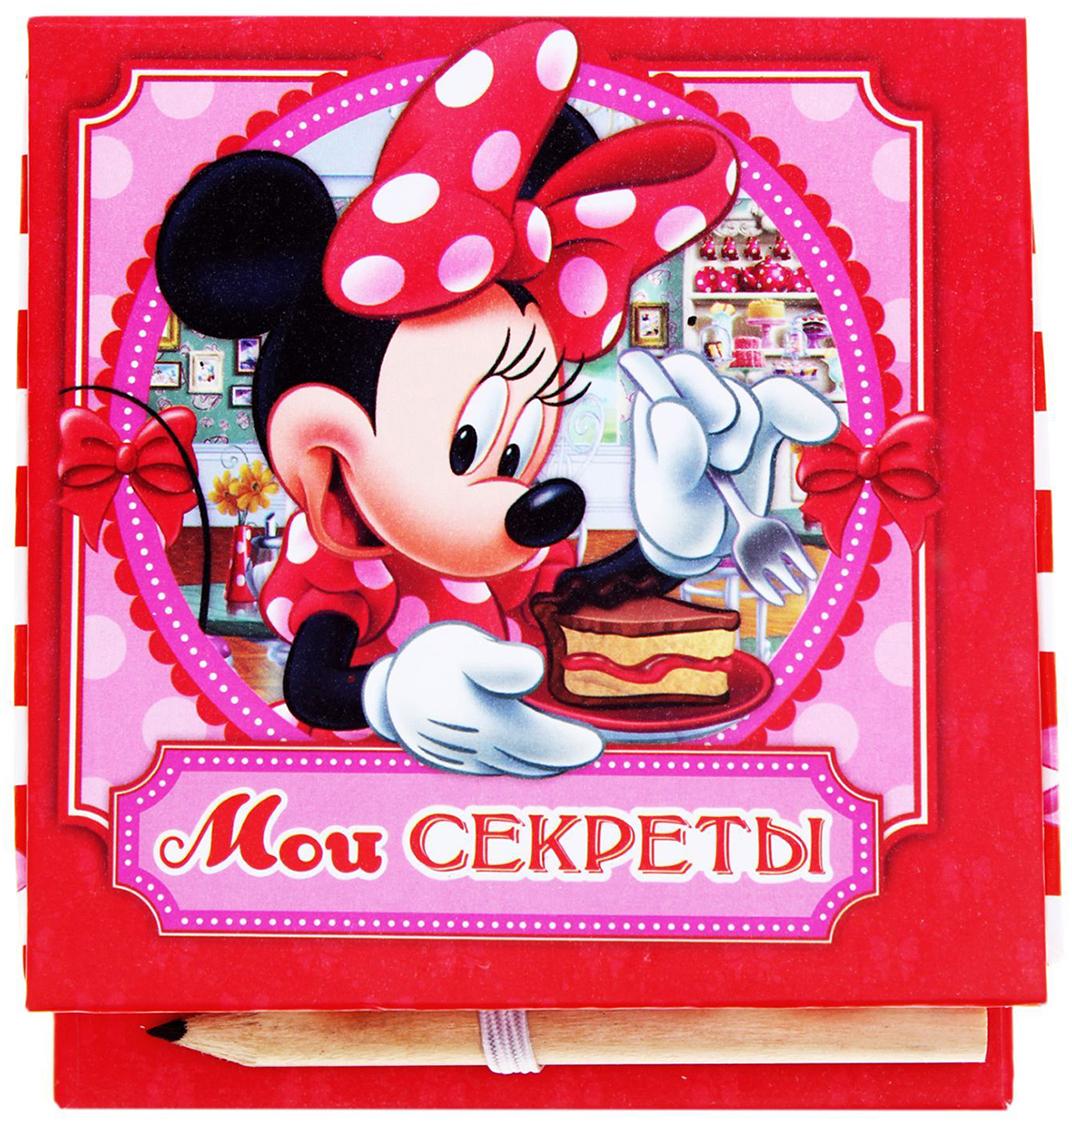 Disney Блок для записей Мои секреты 10 x 10 см 150 листов1158870Заряжайтесь позитивом каждый день вместе с любимыми героями мультфильмов Disney. Специально для поклонников Микки Мауса и его друзей мы разработали целую серию канцелярских принадлежностей. Футляр содержит блок на 100 дизайнерских листов размером 9 х 9 см. Оставляйте на них сообщения, записывайте ценные мысли, составляйте списки или стройте планы. С оригинальным футляром из плотного картона записи не потеряются, а на столе будет порядок. Чтобы не пришлось искать карандаш, мы поместили его на внутреннюю сторону обложки, теперь он всегда под рукой. Побалуйте себя или близких эффектными аксессуарами.